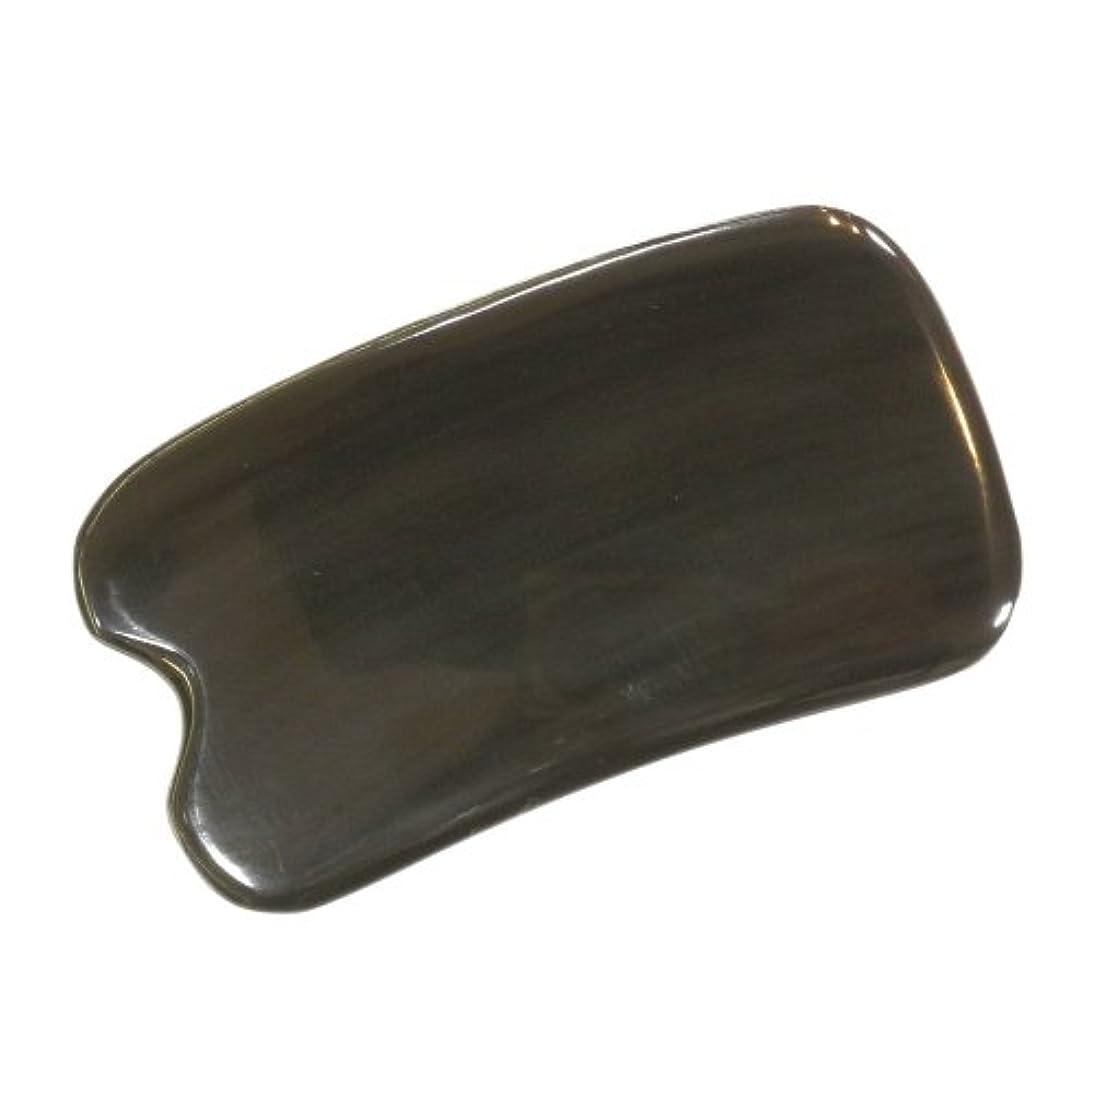 全く製油所想定するかっさ プレート 厚さが選べる ヤクの角(水牛の角) EHE273SP 黒四角凹 特級品 少し厚め(6ミリ程度) 大きめ穴無